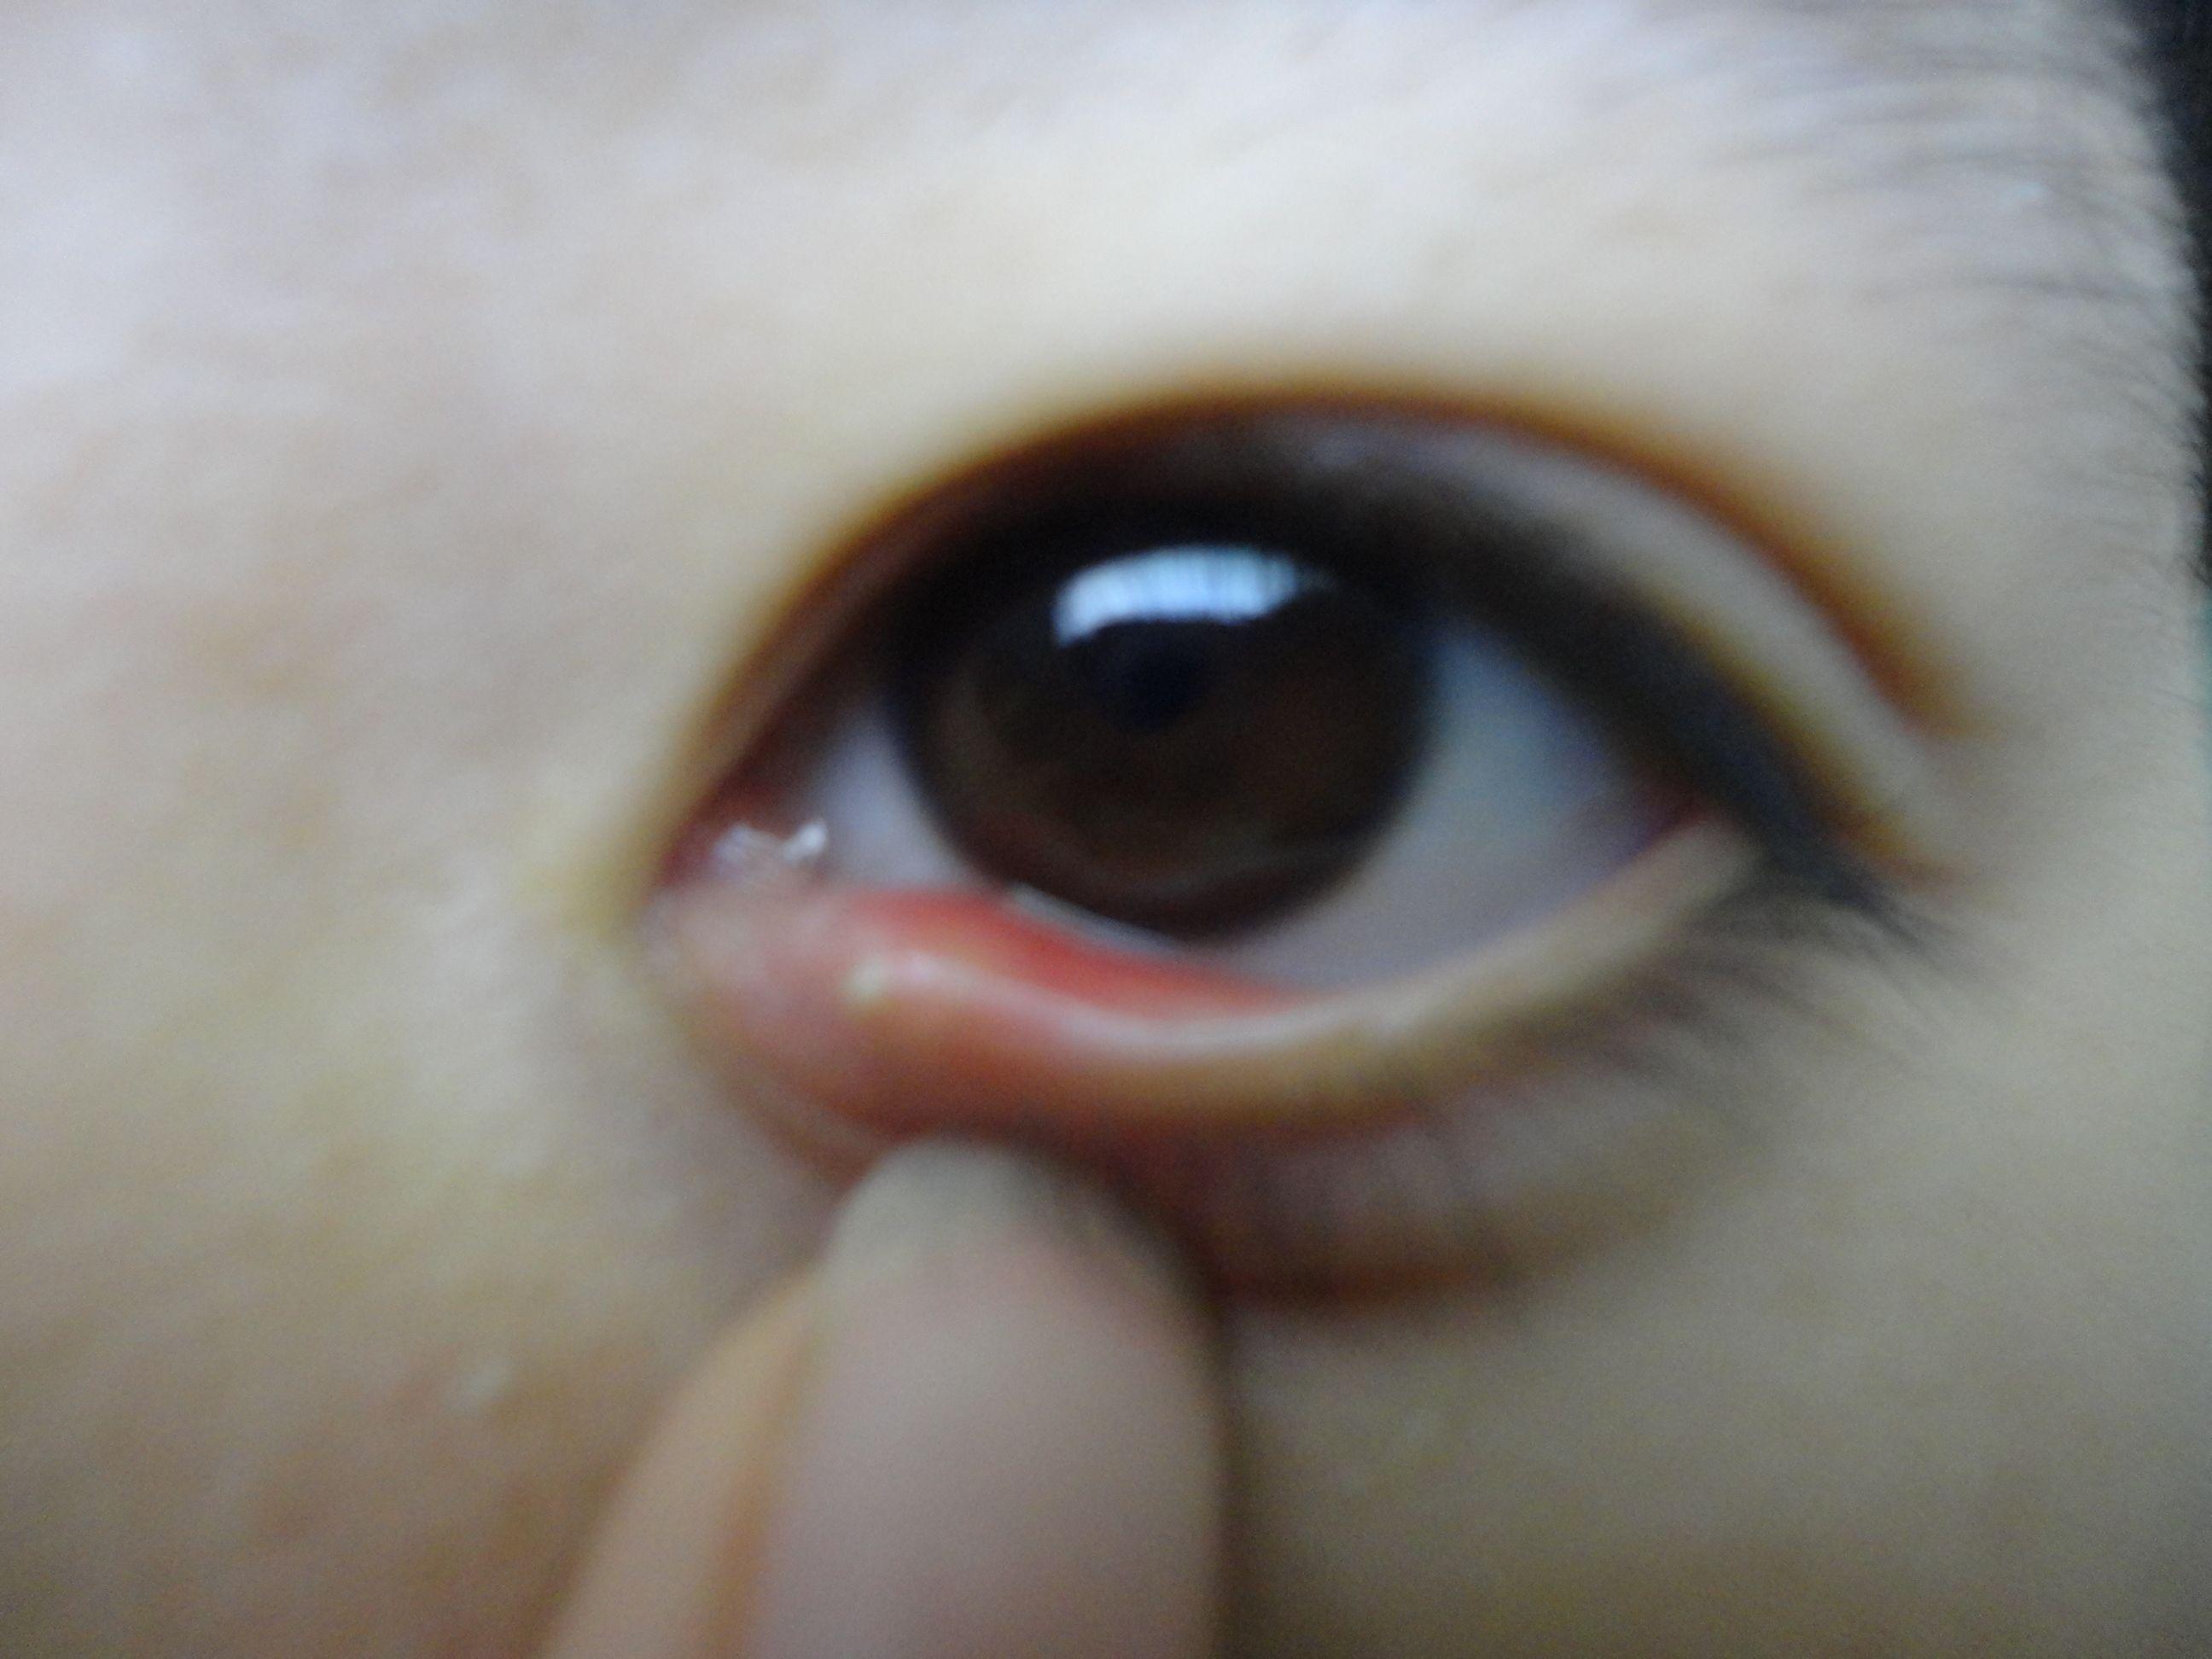 我的眼睛这是怎么了 昨天开始感觉眨眼比较疼有点肿